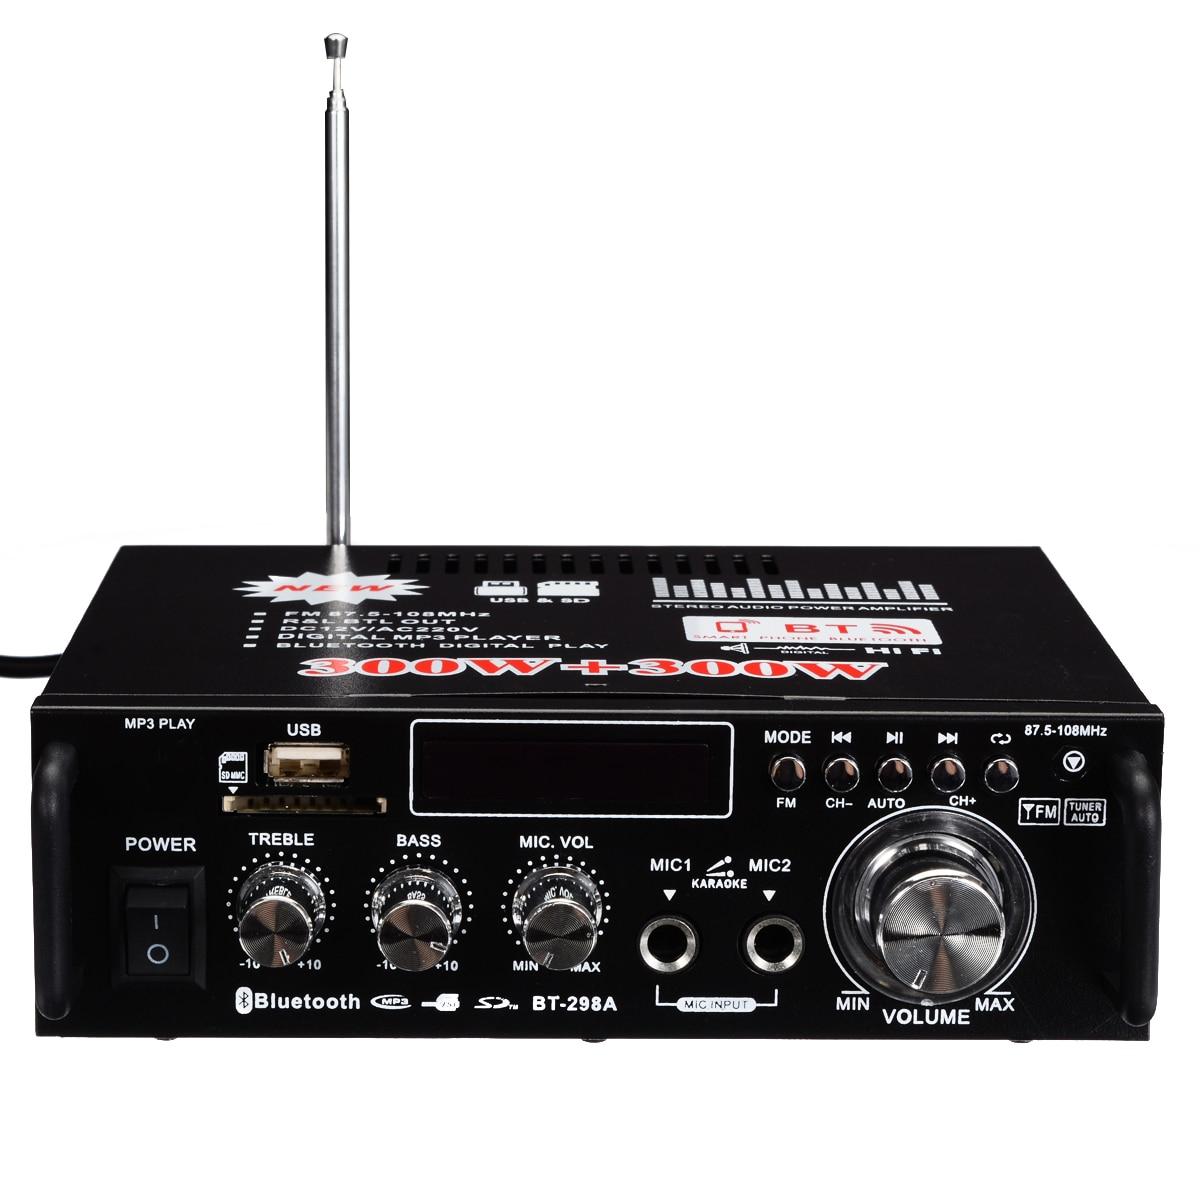 Mini Digital Audio Amplificatore 600 W HiFi Bluetooth Stereo Amplificatori di Potenza Audio FM AMP USB SD per Auto A Casa con a distanza di ControlloMini Digital Audio Amplificatore 600 W HiFi Bluetooth Stereo Amplificatori di Potenza Audio FM AMP USB SD per Auto A Casa con a distanza di Controllo